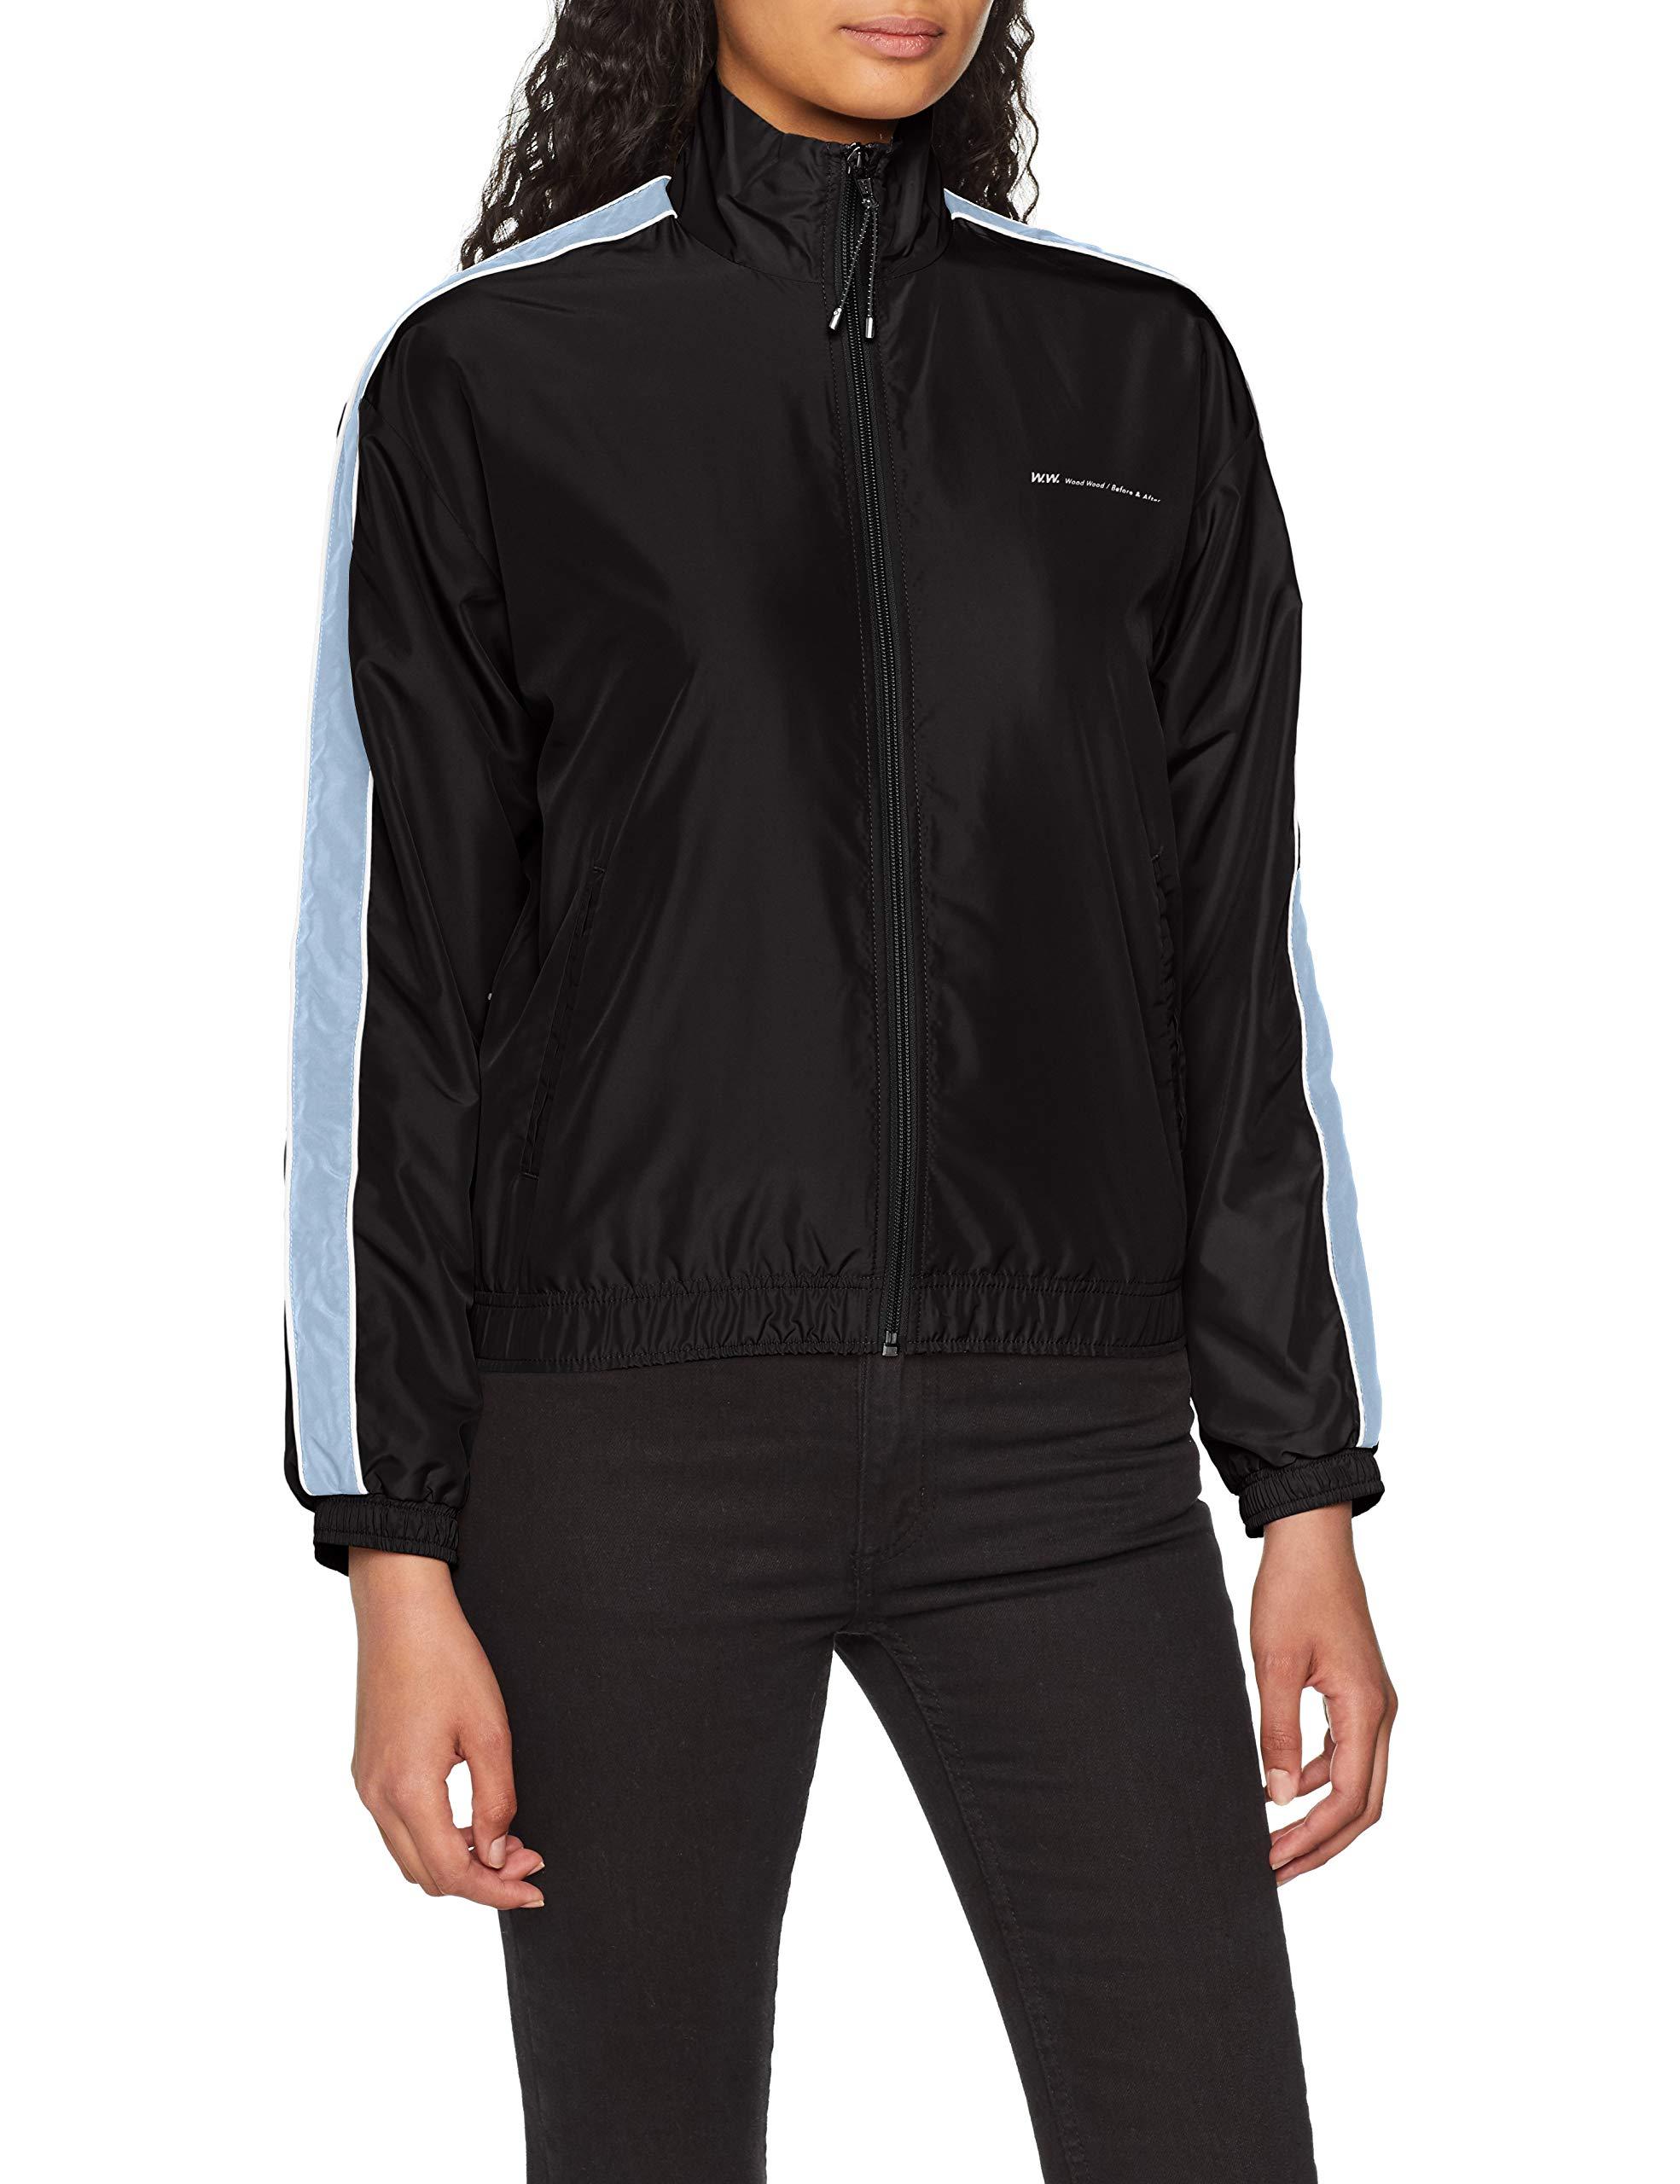 Wood Jacket BlousonSchwarz Tekla Black36 Femme tdCQrhs